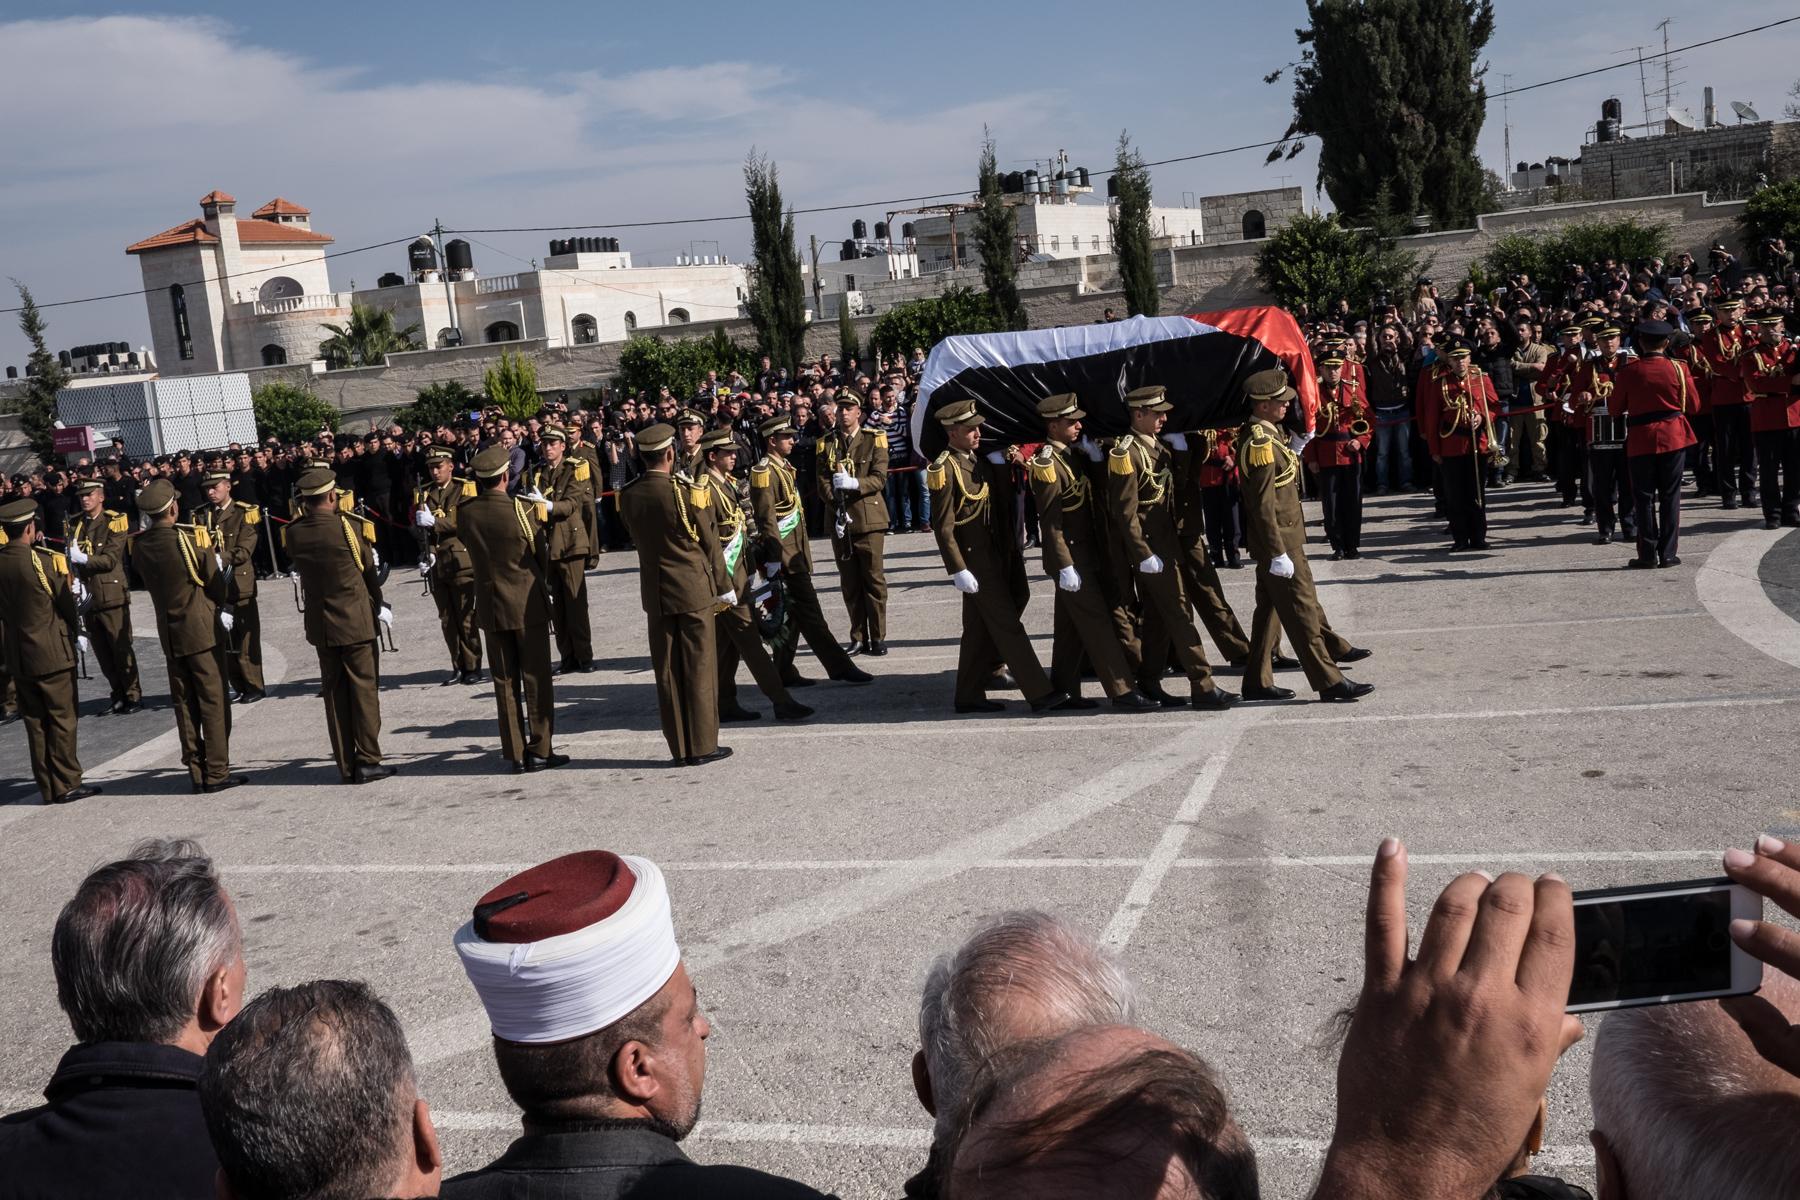 Ramallah/West Bank